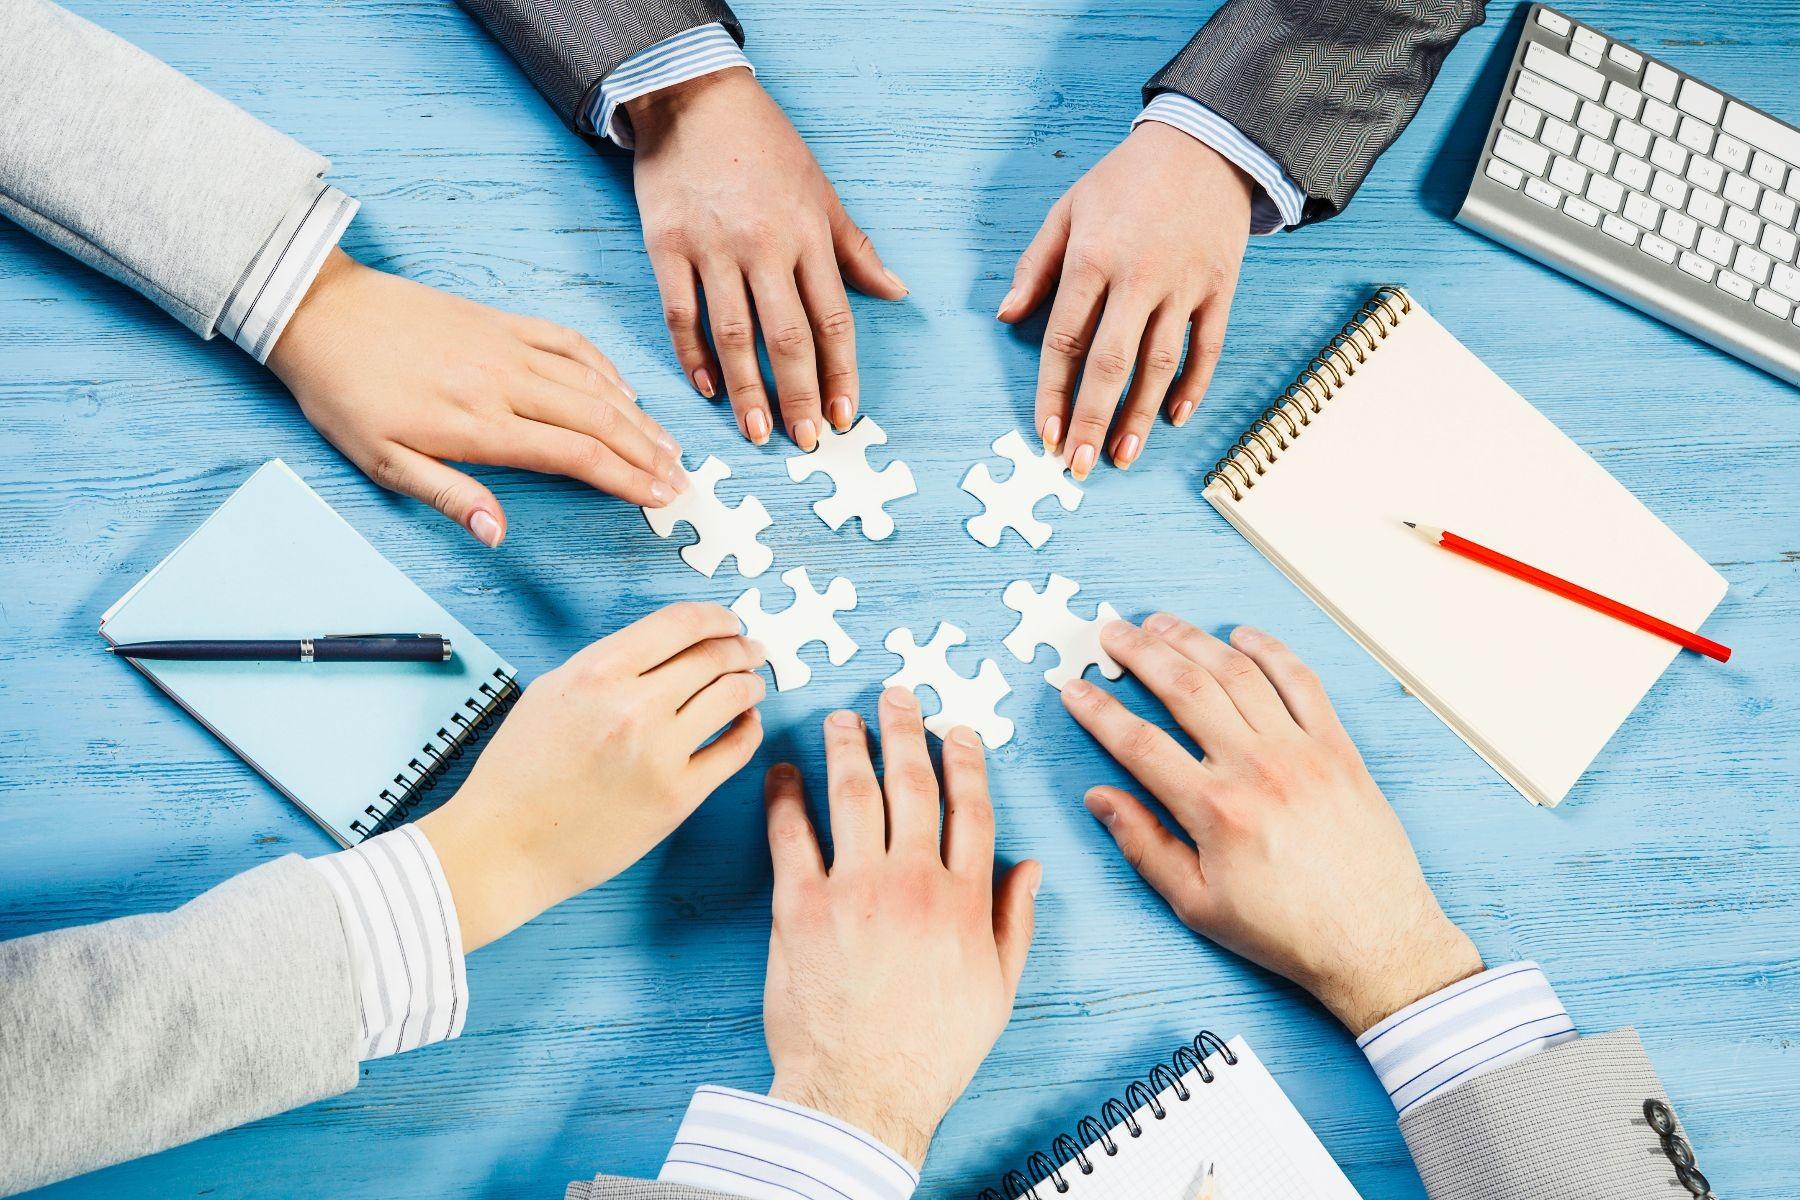 manos de diversas personas uniendo piezas de rompecabezas